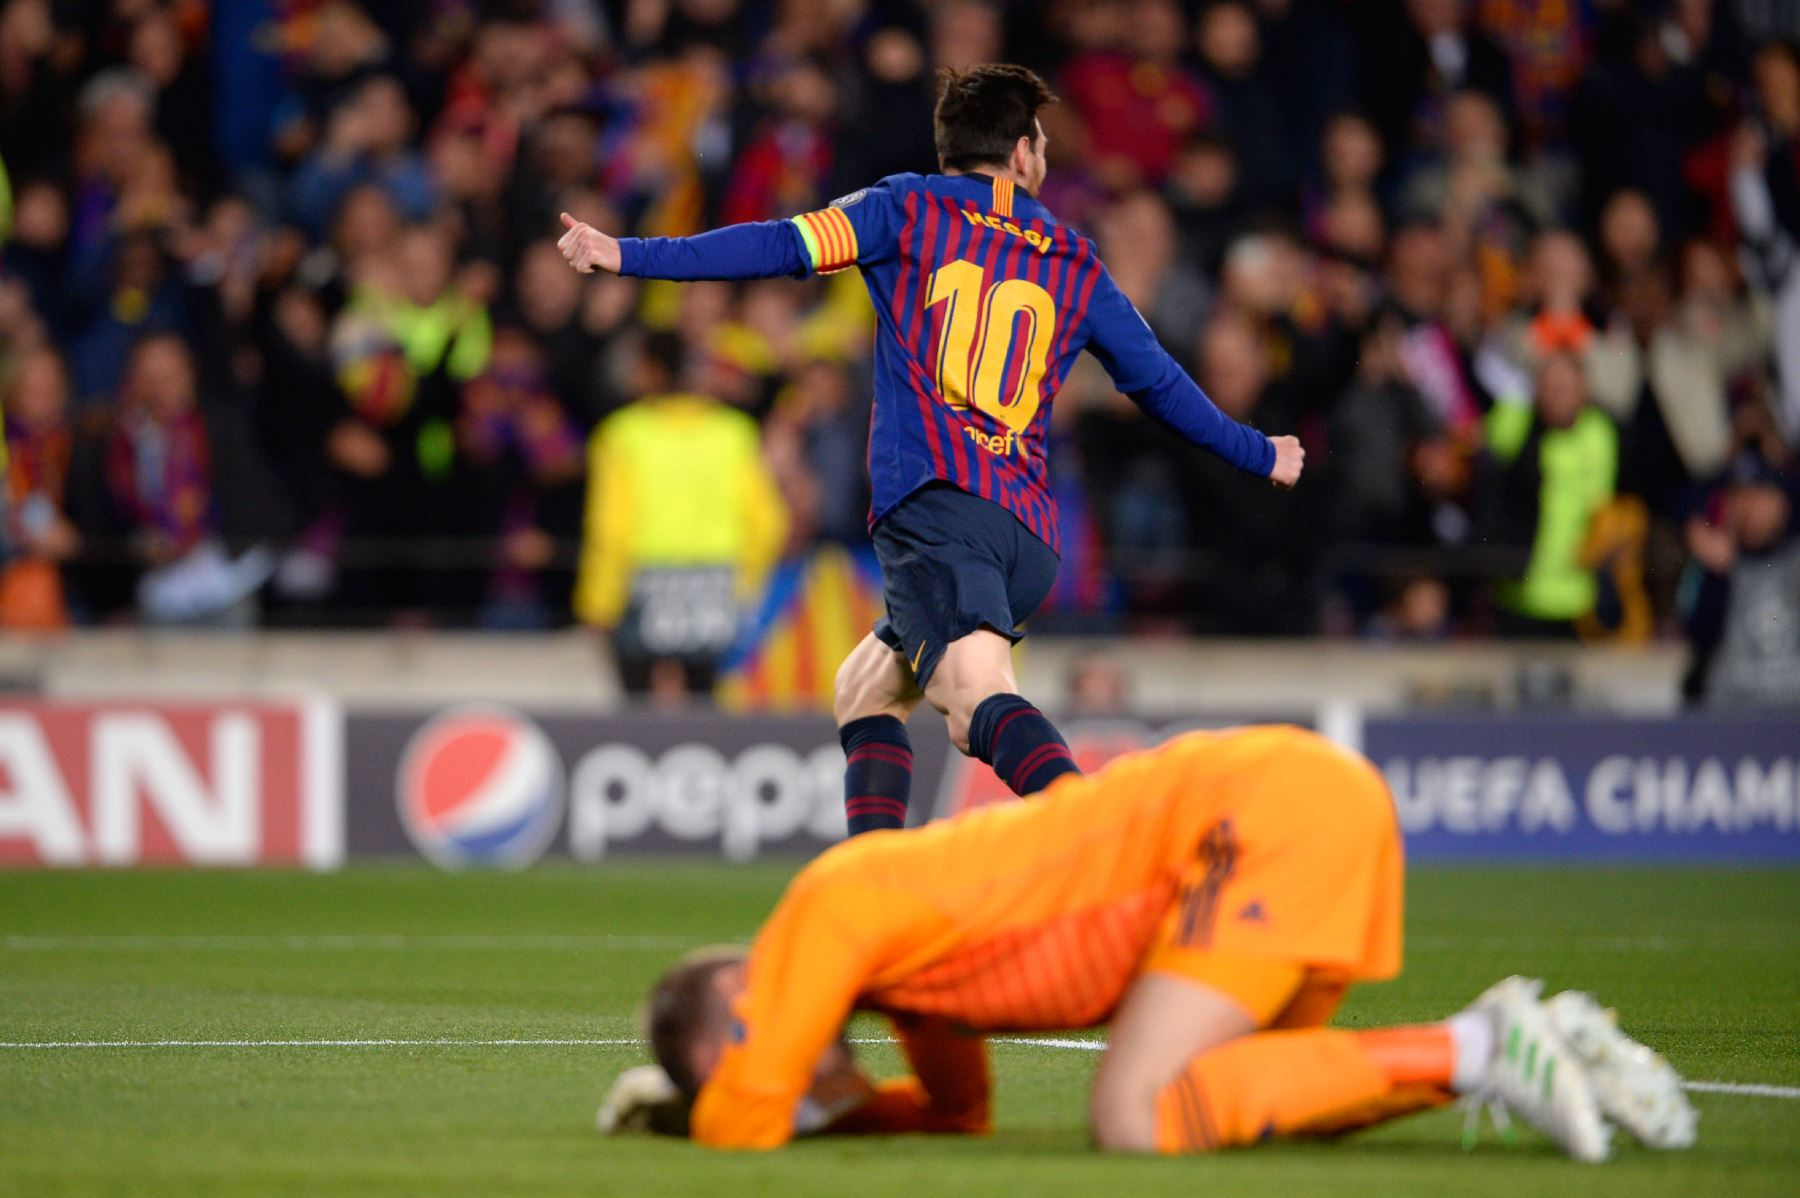 El delantero argentino de Barcelona, Lionel Messi, celebra después de marcar un gol durante el partido de fútbol de la segunda jornada de la UEFA Champions League entre Barcelona y Manchester United. Foto:AFP